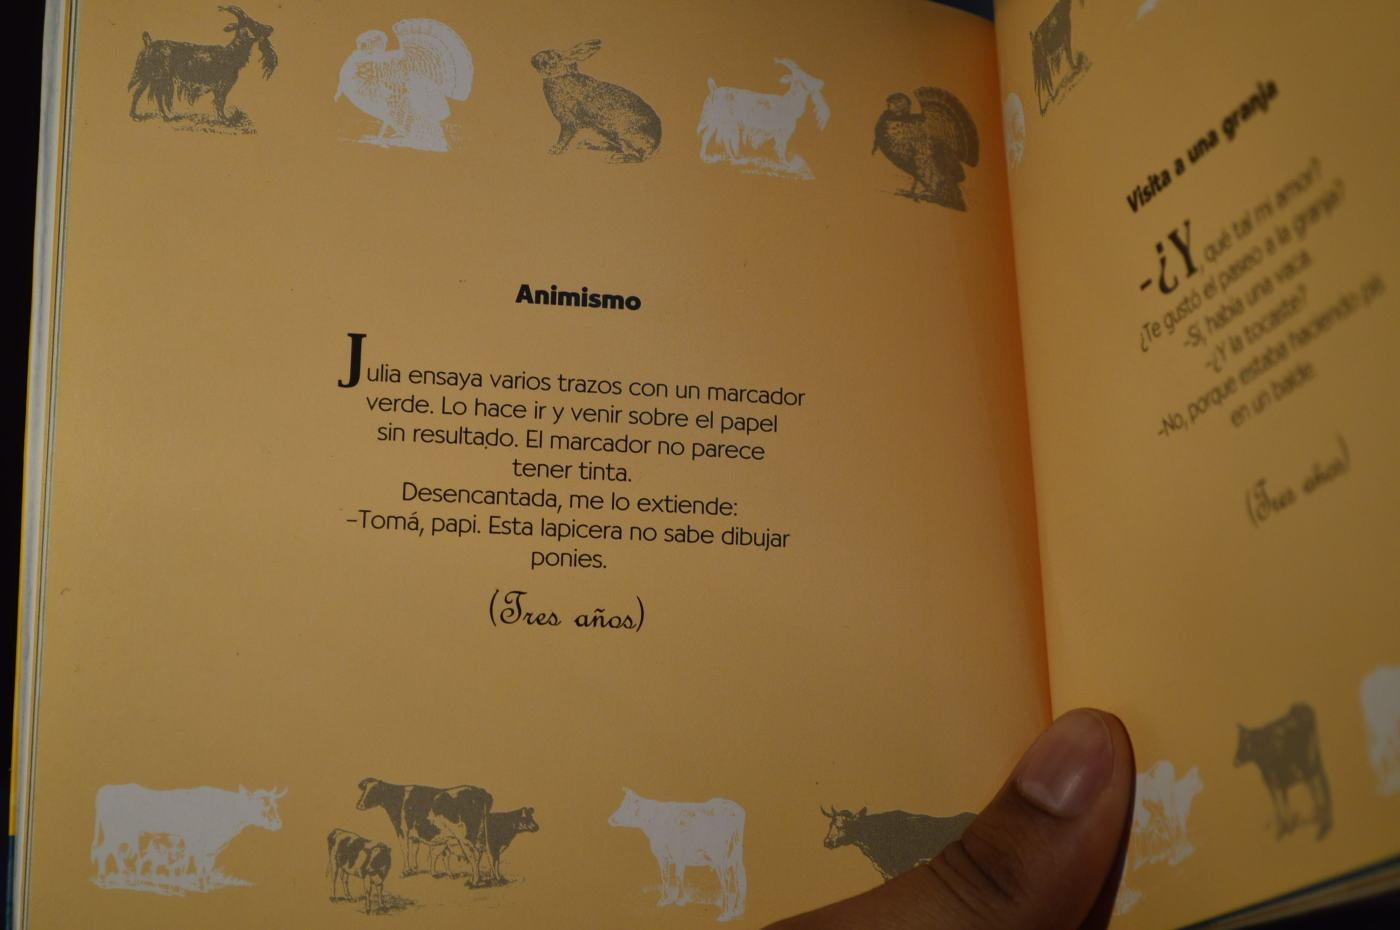 """""""Animismo"""" de Santiago Kovadloff en """"La vida es siempre más o menos""""."""